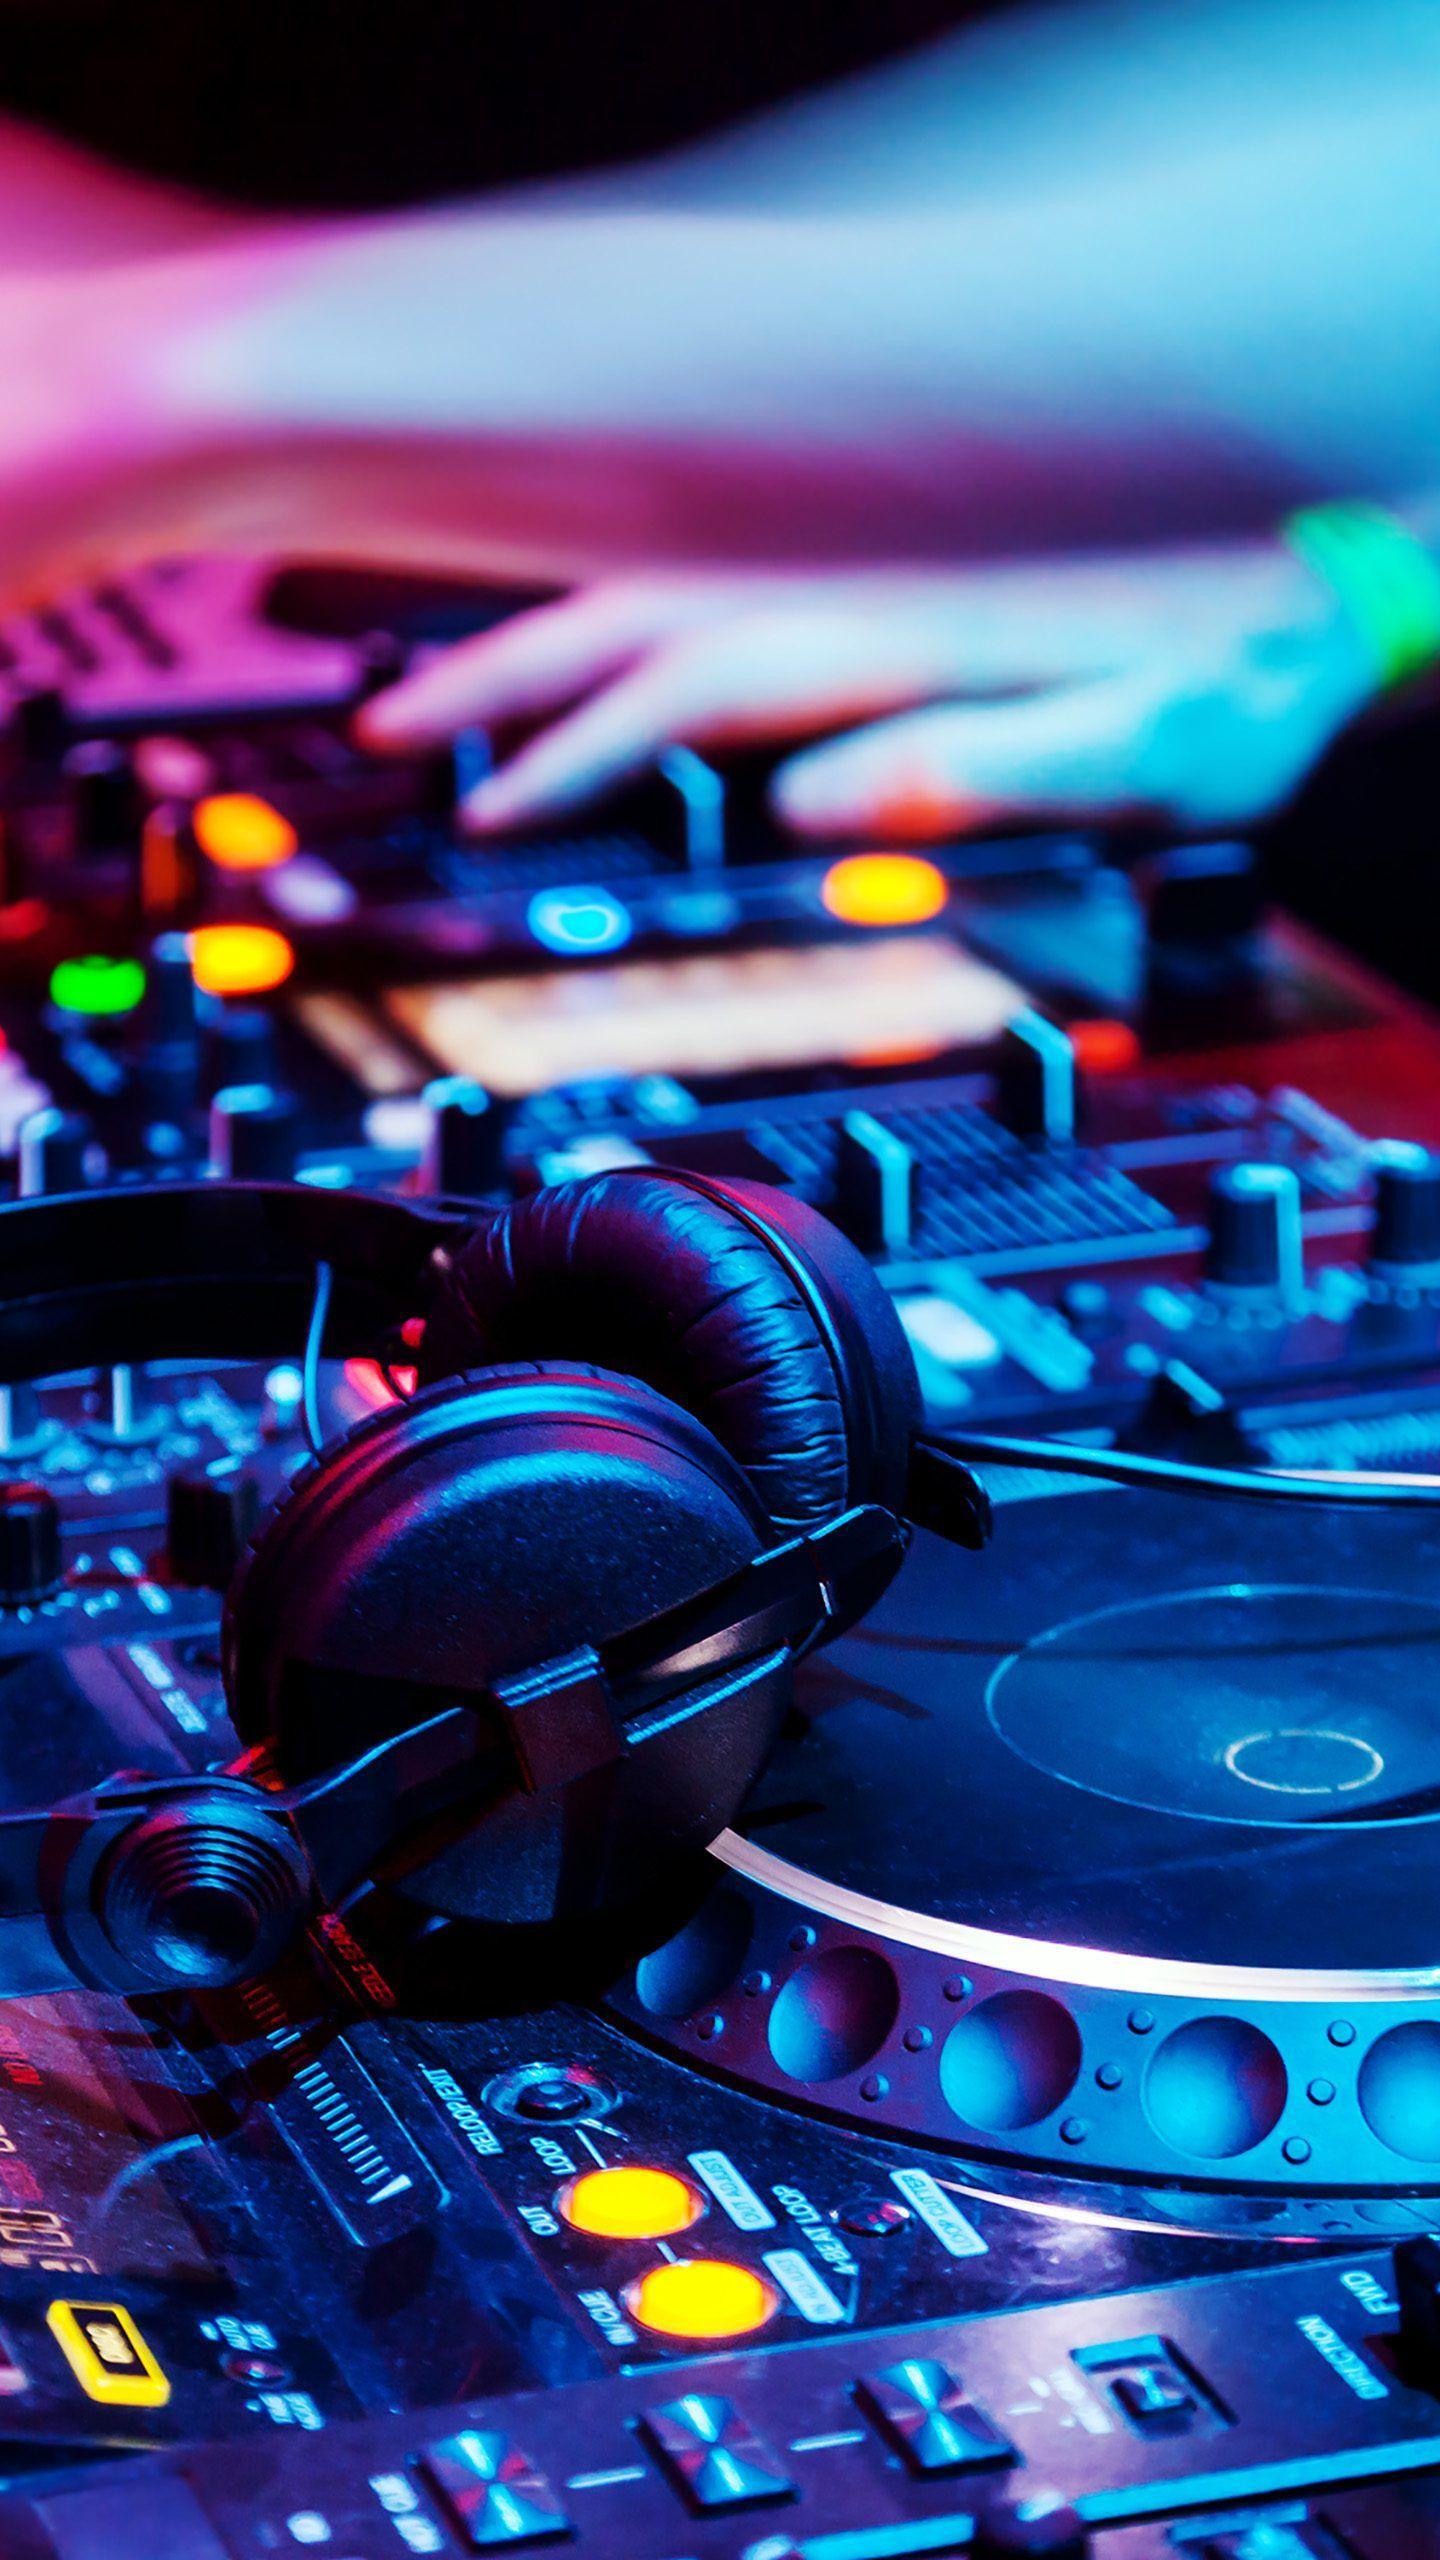 1440x2560 Nhạc DJ Đầy màu sắc Xanh Tím Đỏ Hình nền 4K